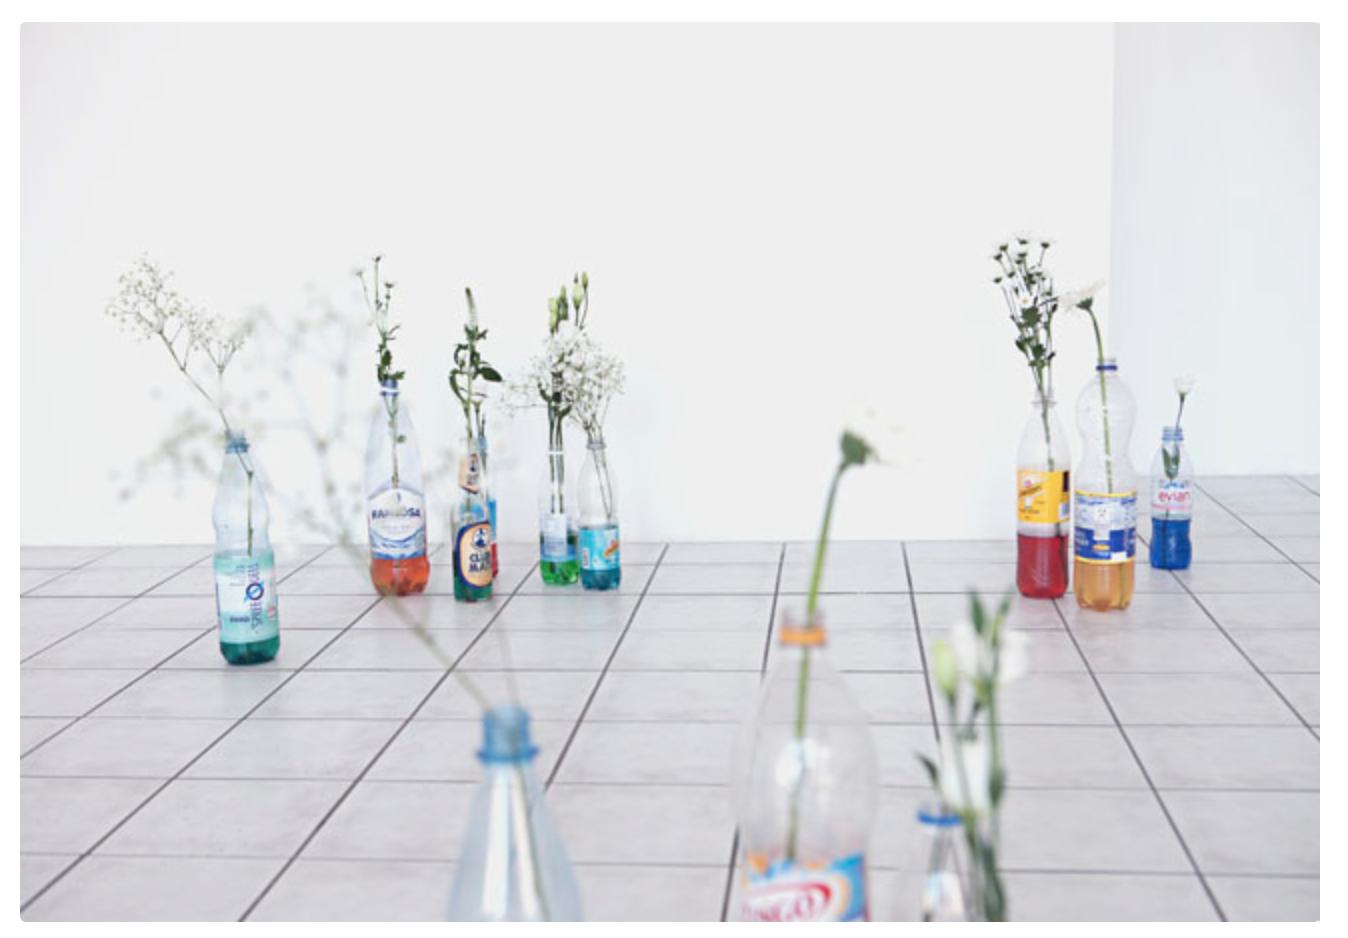 Mia Goyette, Antifreeze (Fortified Flower Vases), 2012-2014